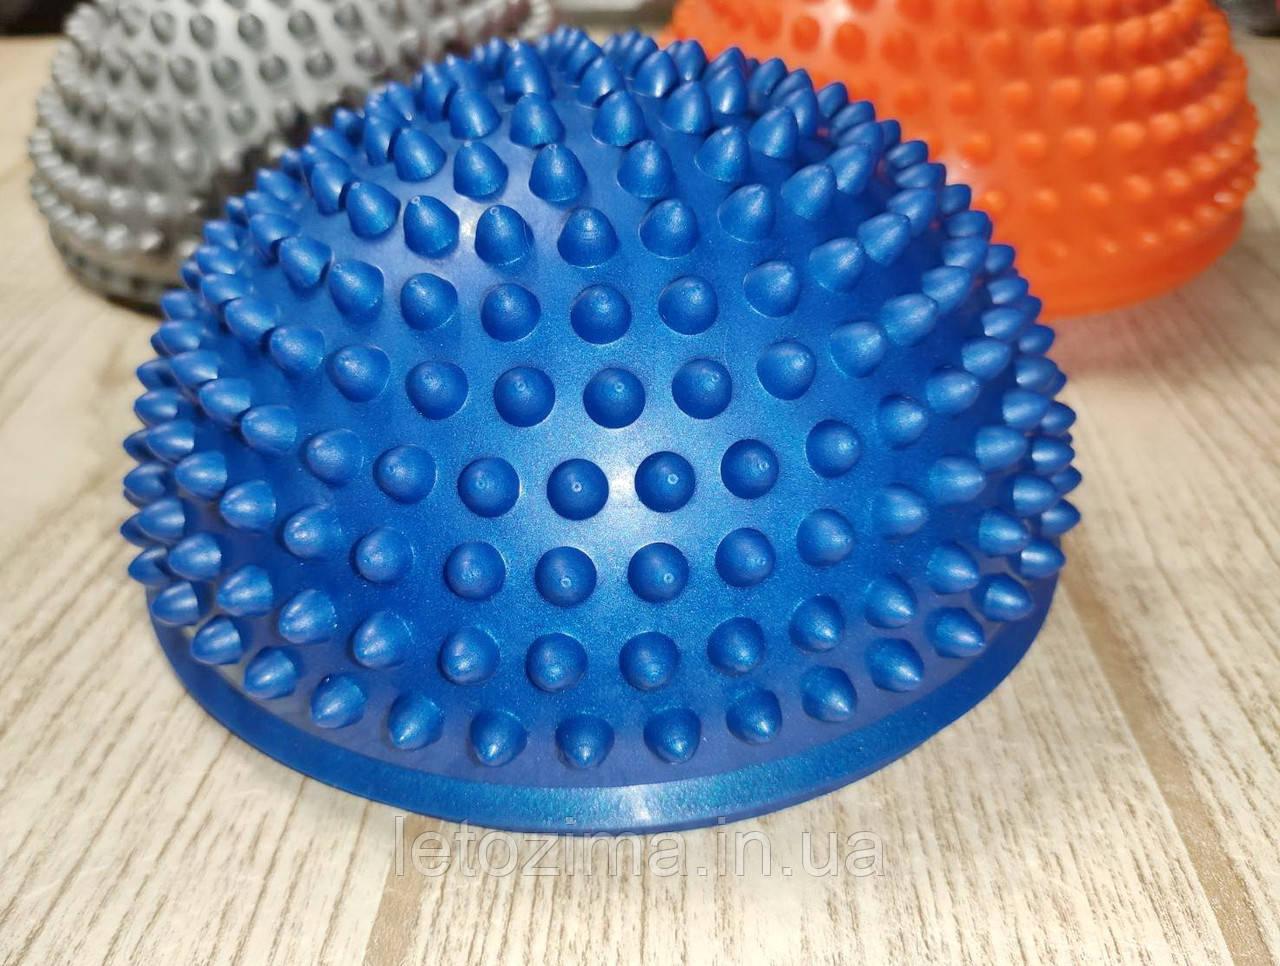 Балансировочная полусфера D=16см, h=9см (1 шт.) Синий